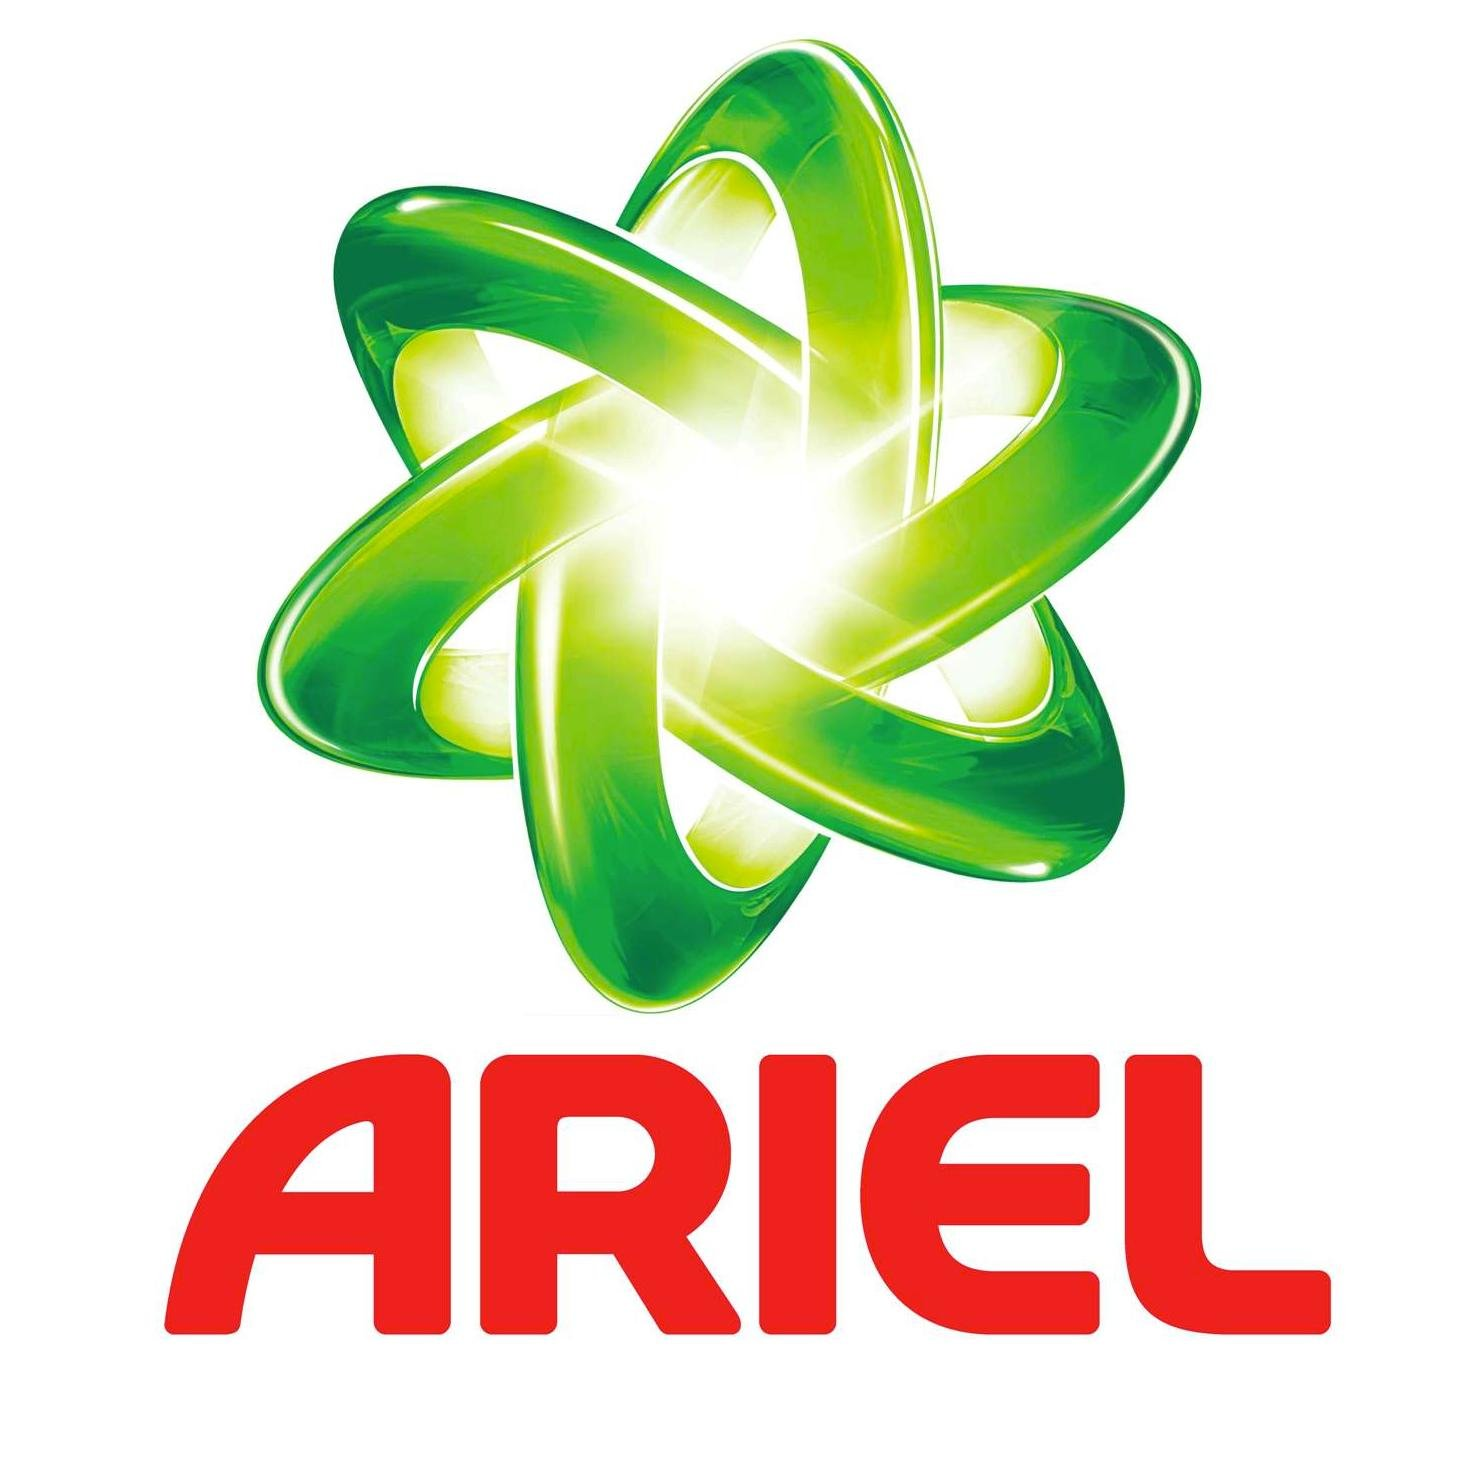 1477x1477 Ariel Logo Vector Png Transparent Ariel Logo Vector.png Images